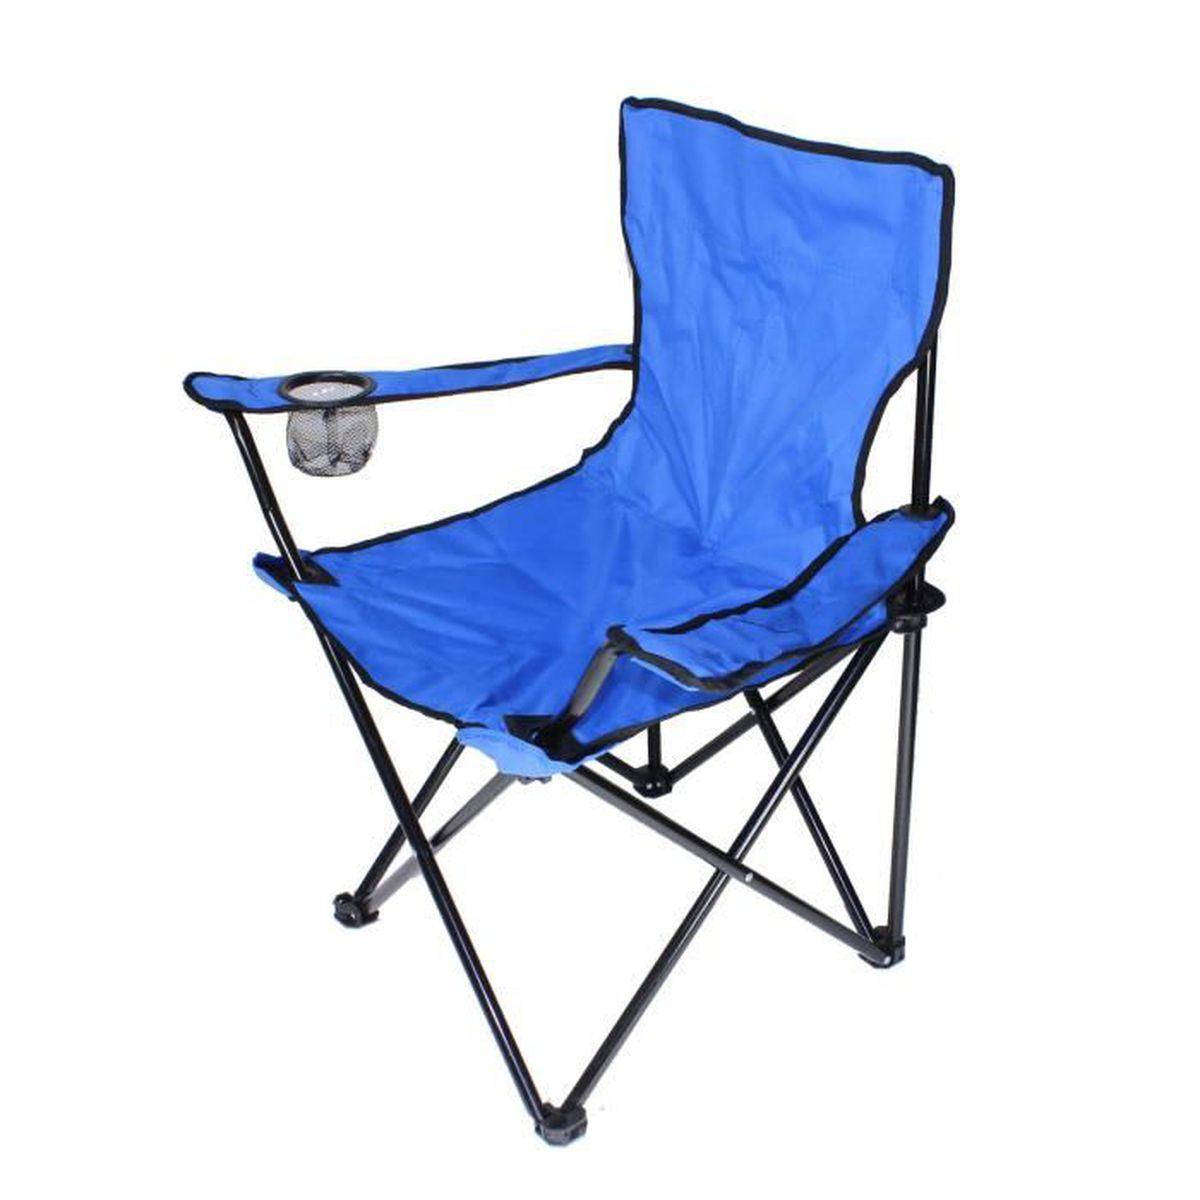 chaise fauteuil pliable pour voyage camping peche achat vente hamac chaise fauteuil pliable. Black Bedroom Furniture Sets. Home Design Ideas